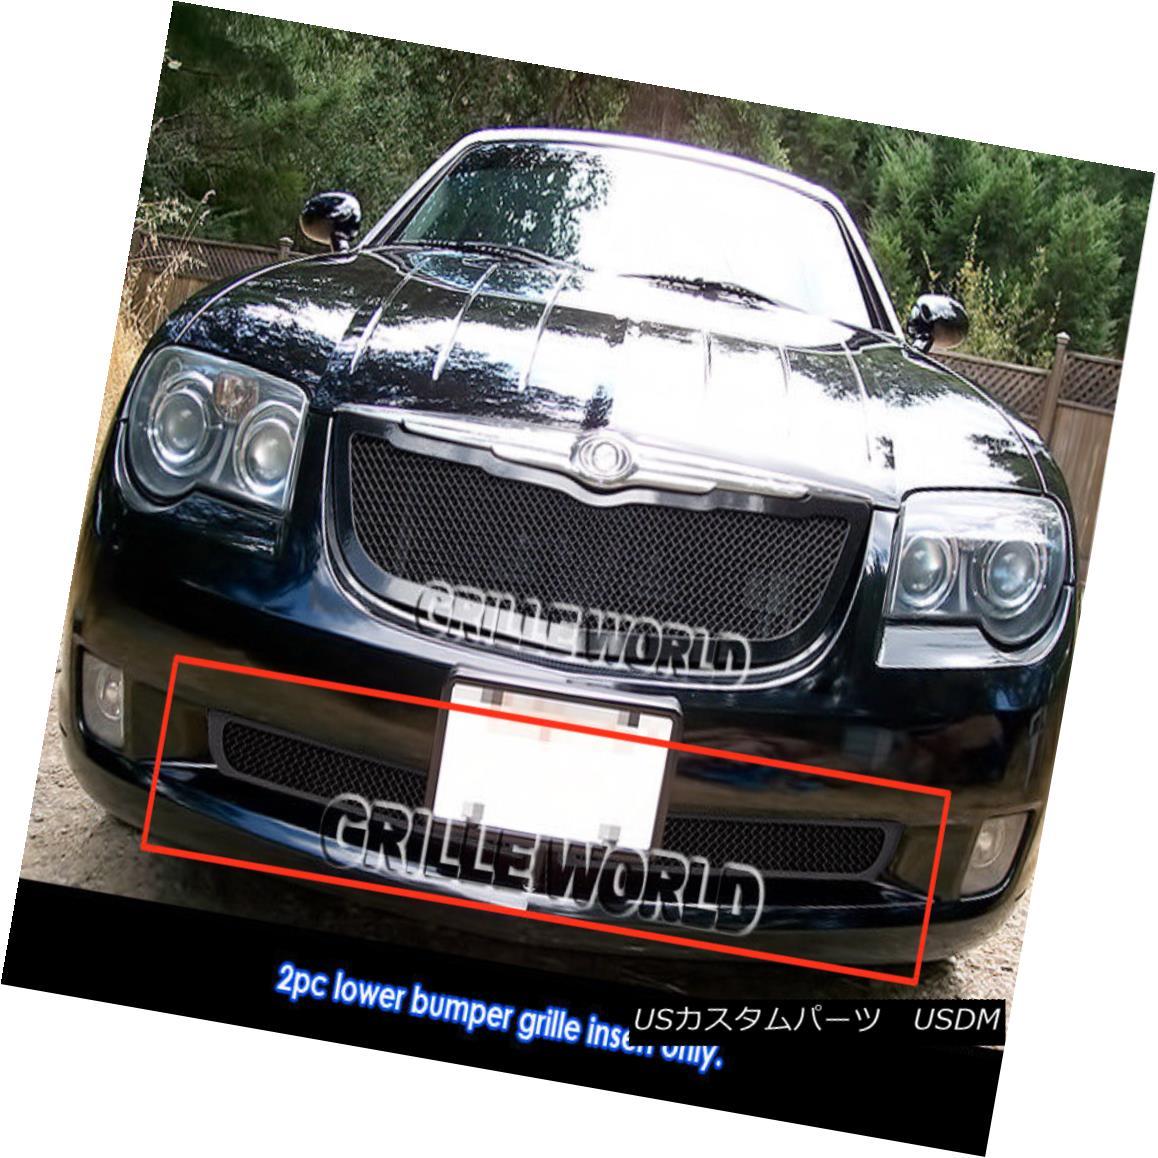 グリル For 04-08 Chrysler Crossfire Bumper Black Mesh Grille 04-08クライスラークロスファイアバンパーブラックメッシュグリル